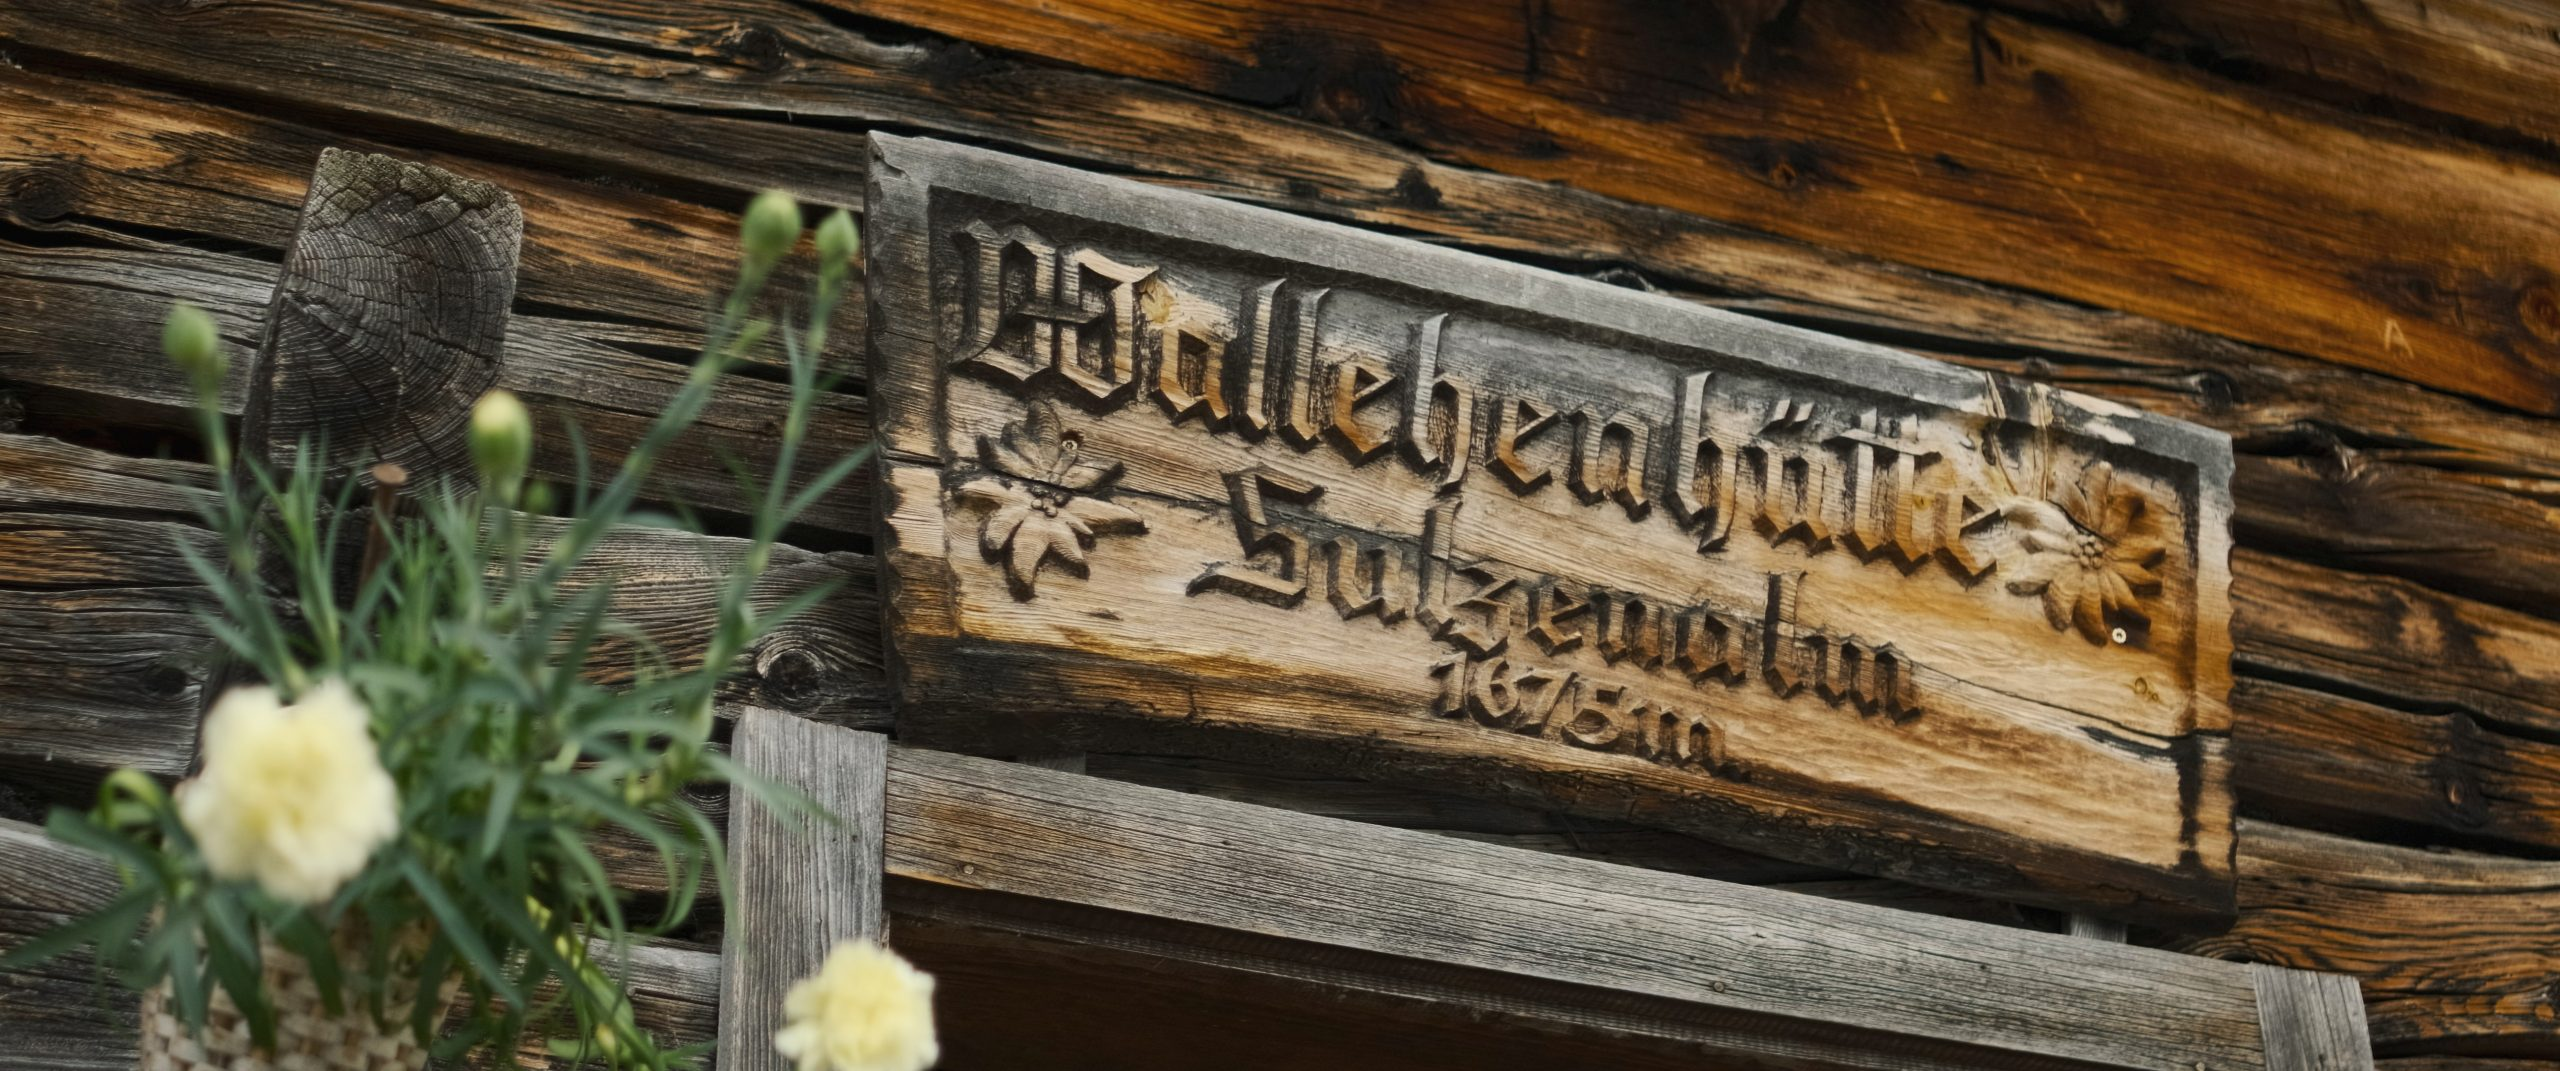 Hofalmen-Sulzenalm-Wallehenhutte-Filzmoos